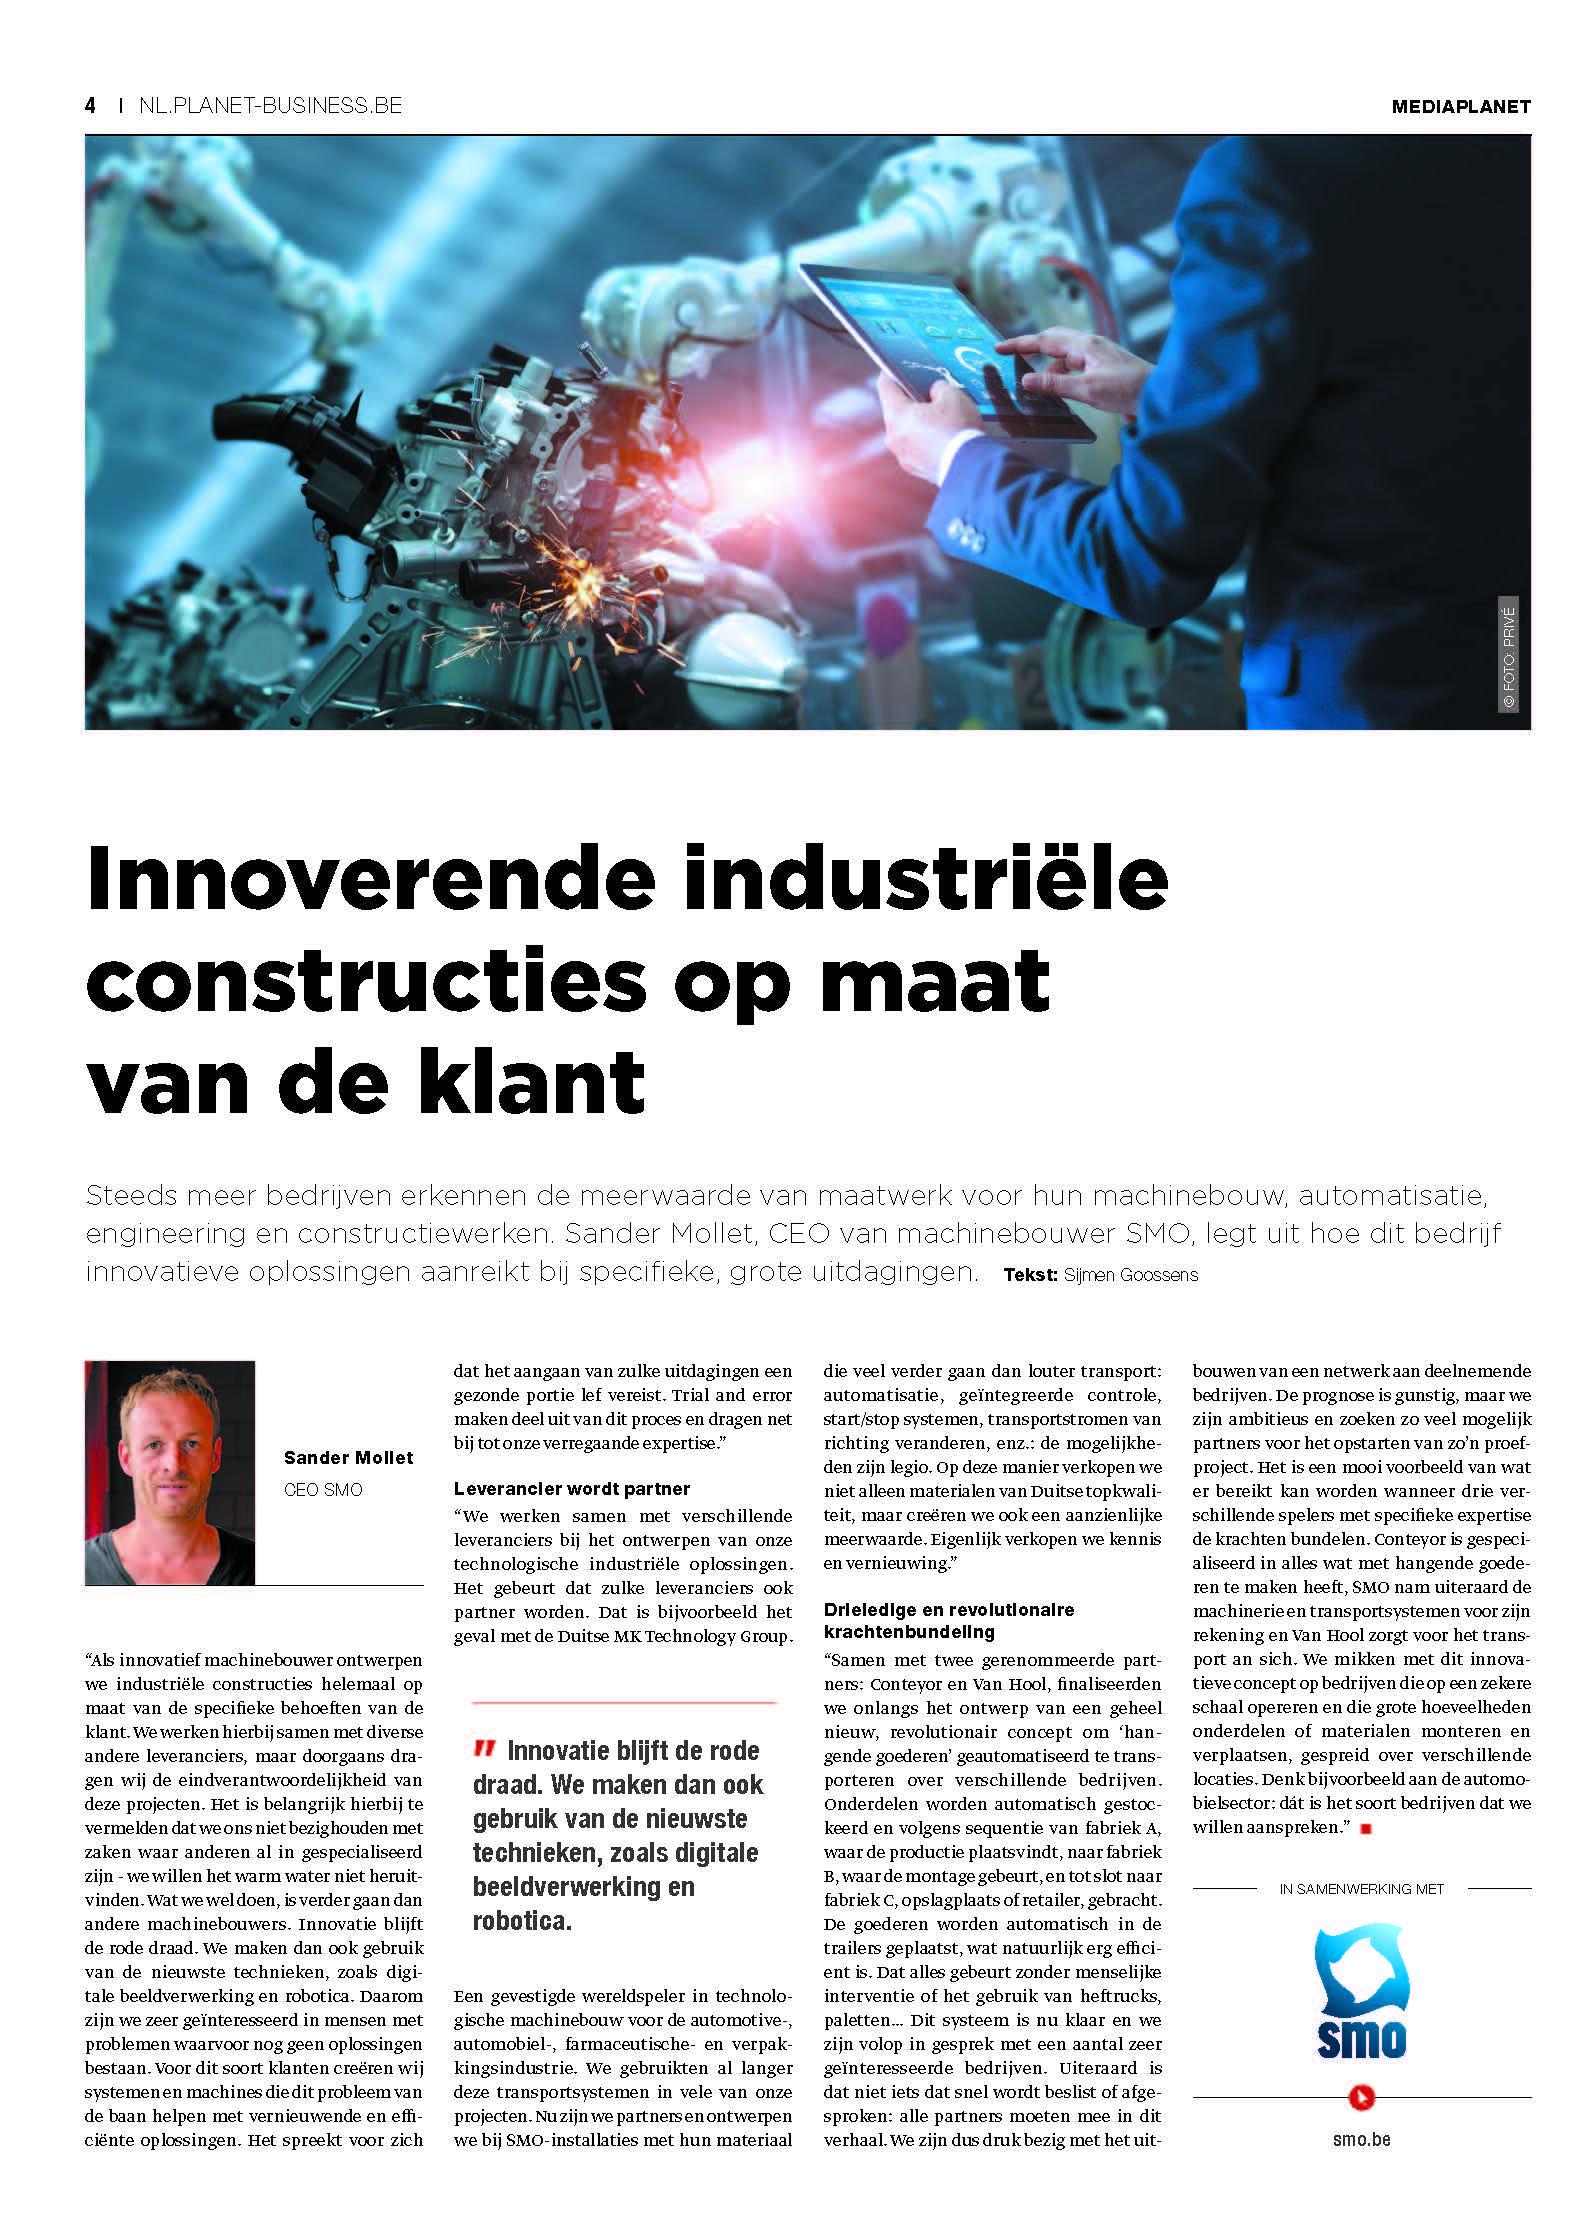 Trendsmagazine Supply Chain machinebouwer SMO